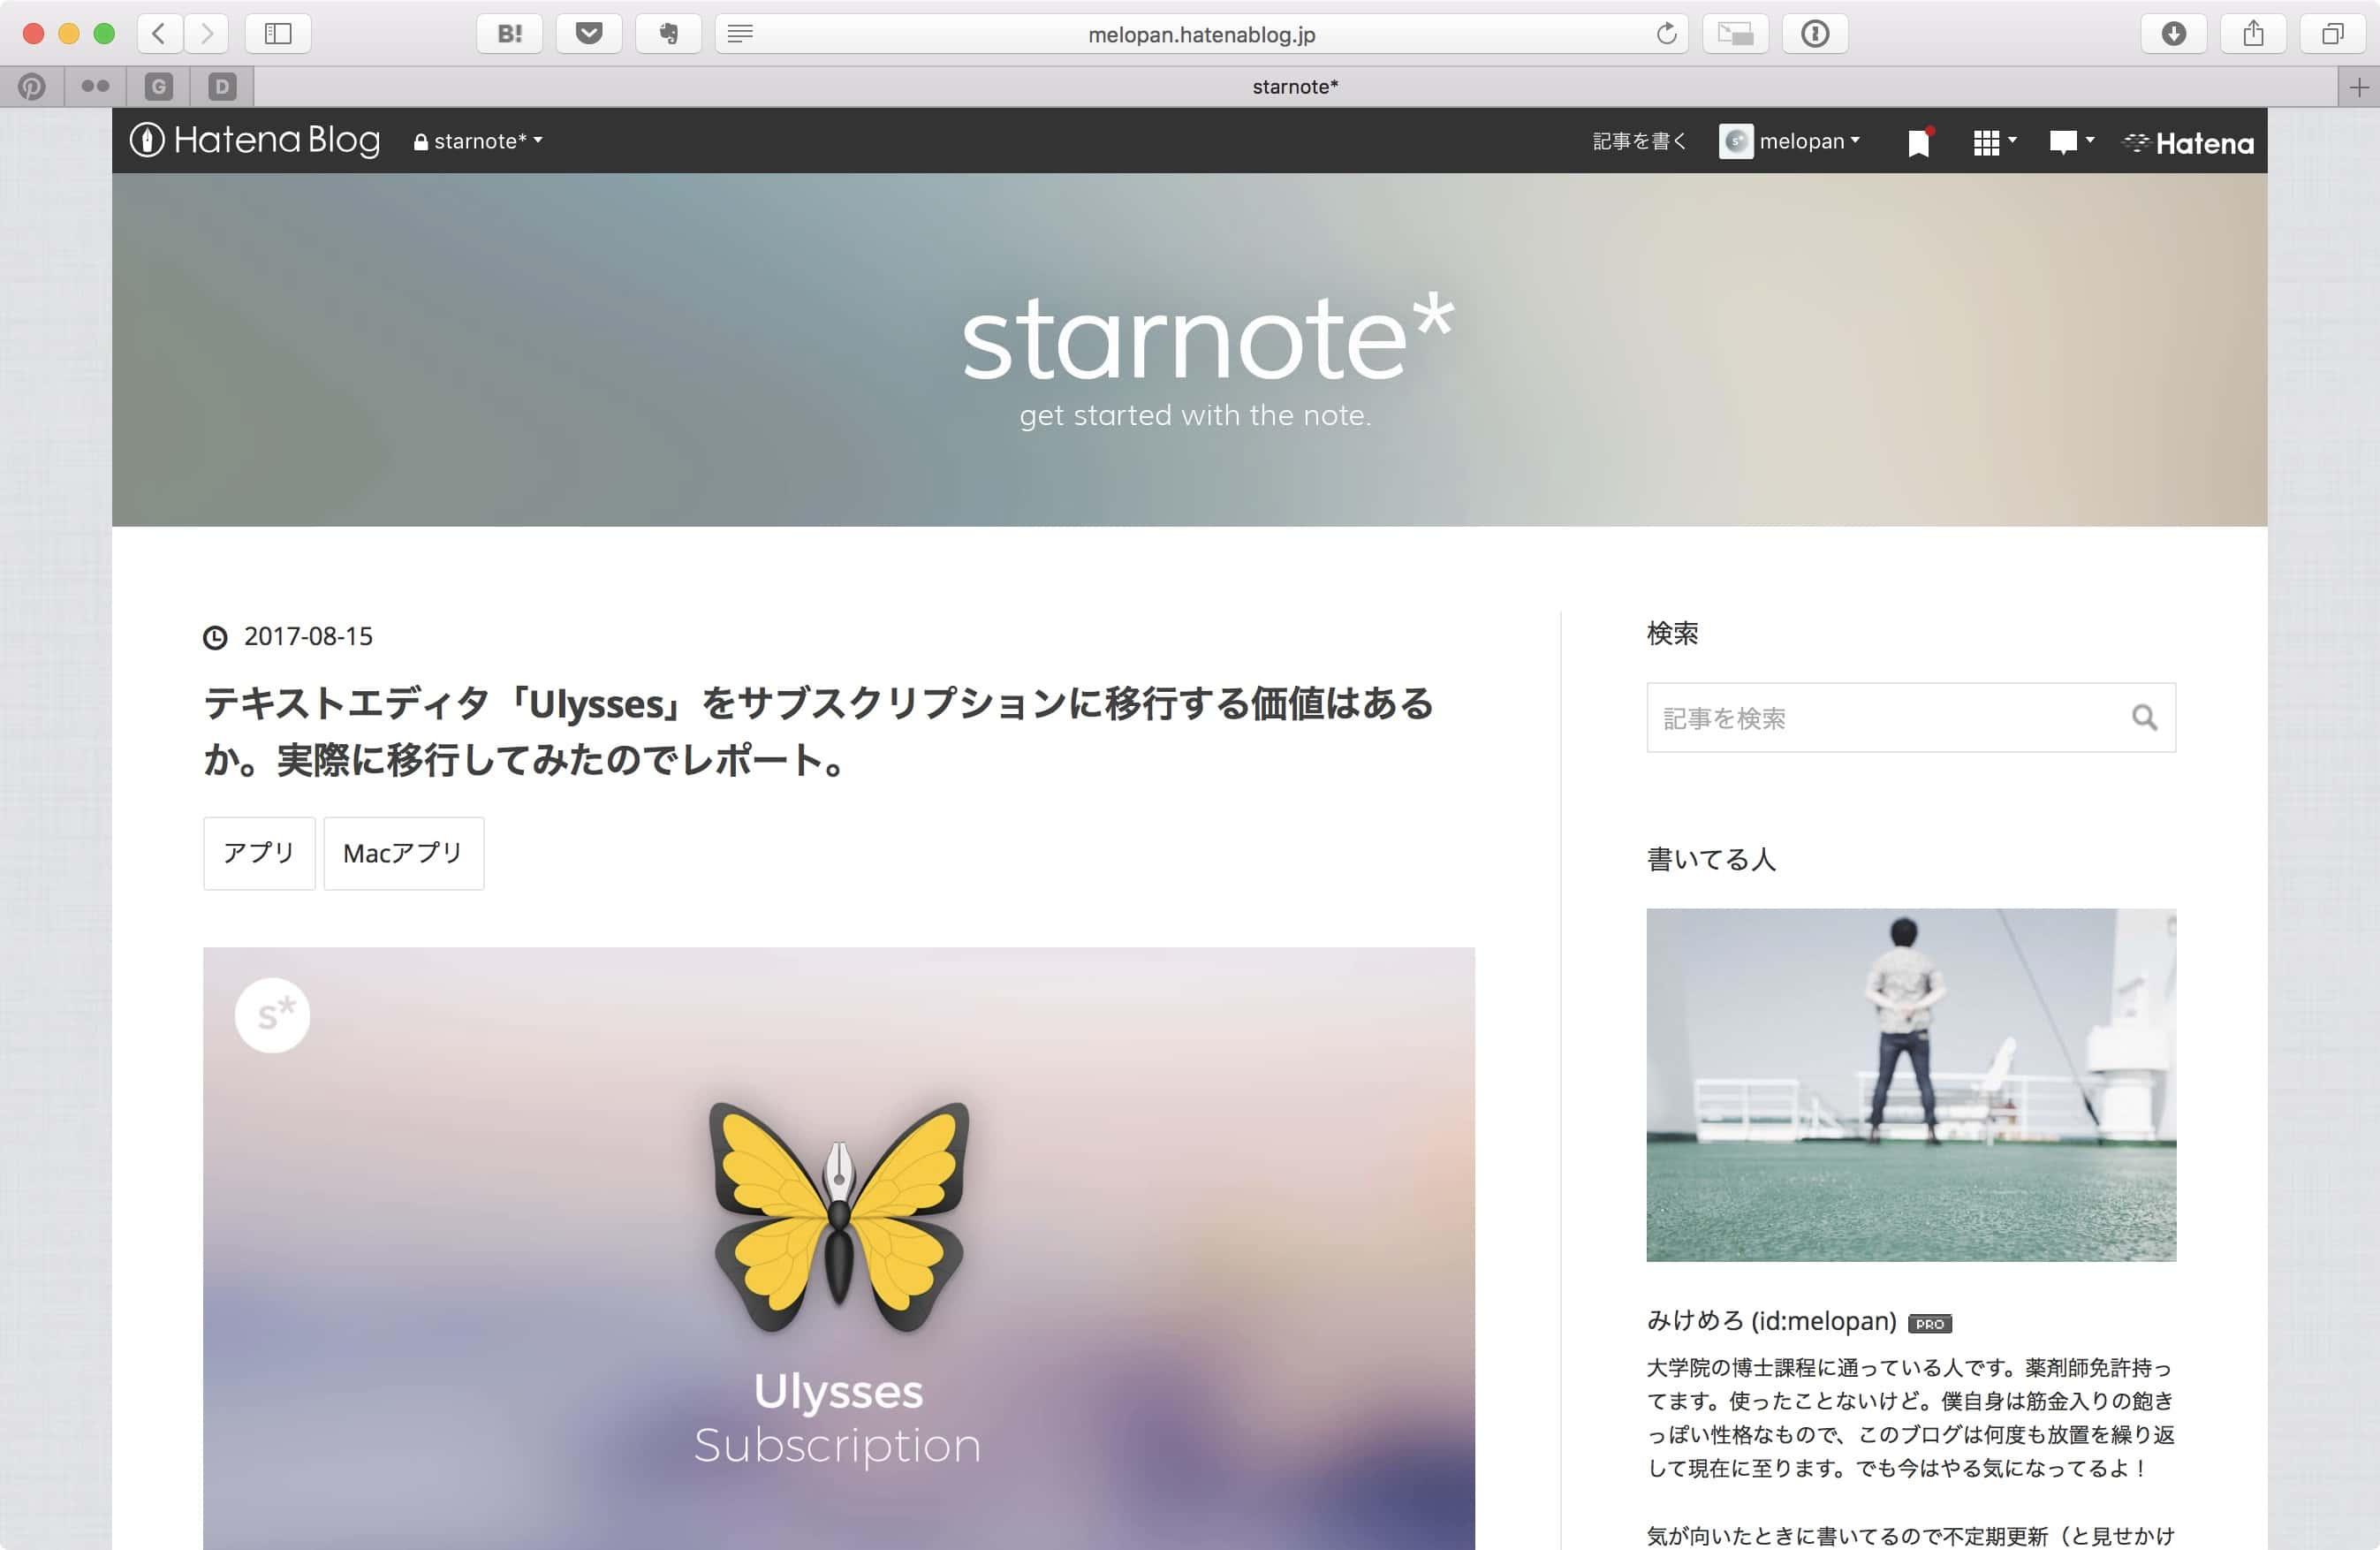 starnote* Previous Design